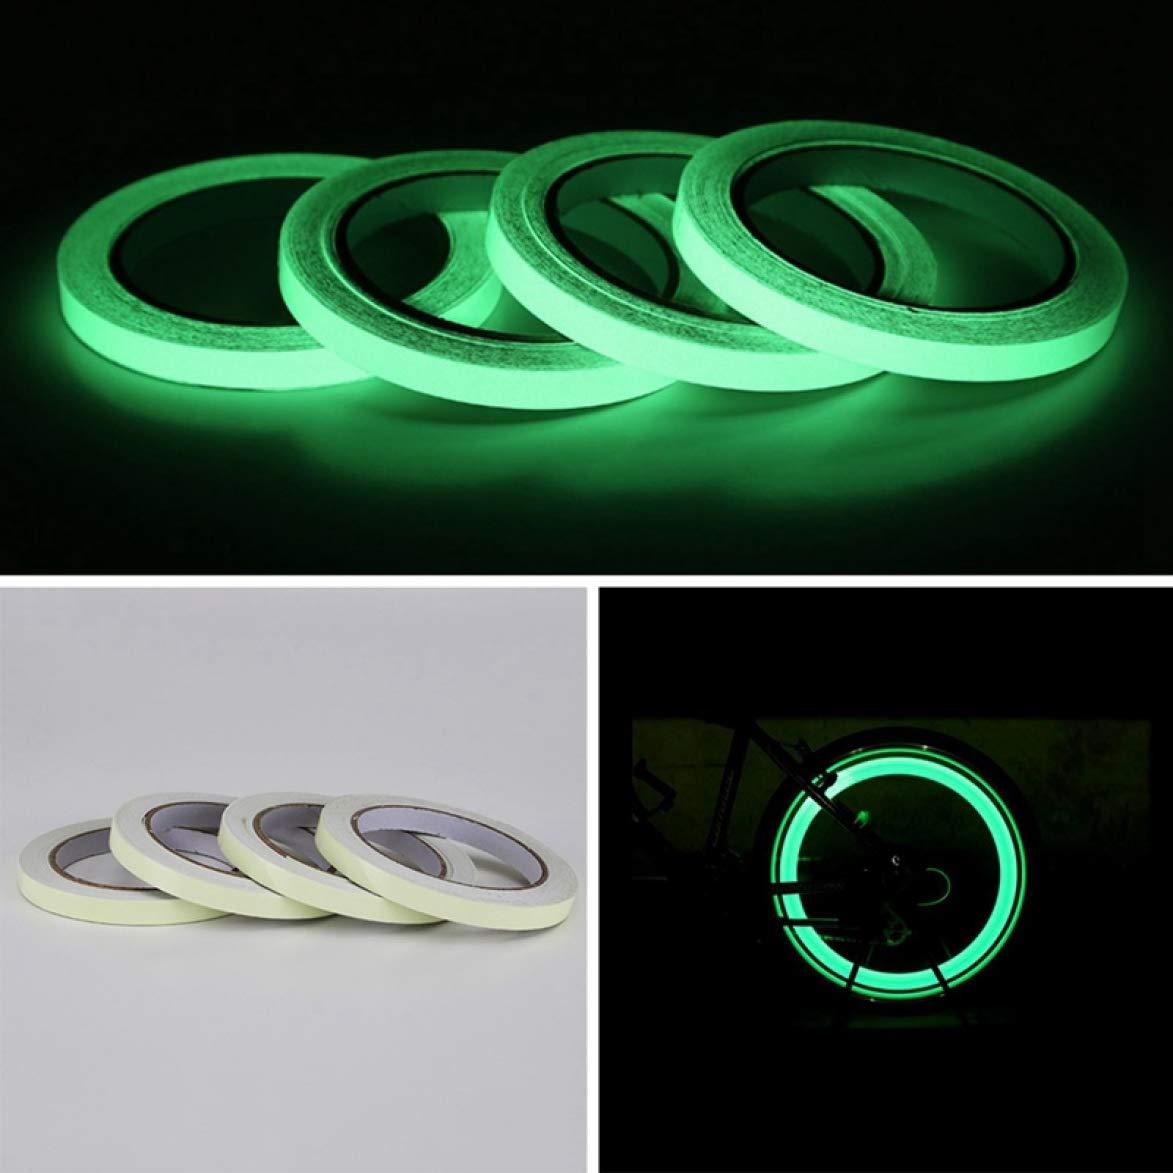 Reflector Cinta Adhesiva de Advertencia de Seguridad para Llantas de Bicicleta asfdasdf Impeccable visi/ón Nocturna 3 m Brilla en la Oscuridad